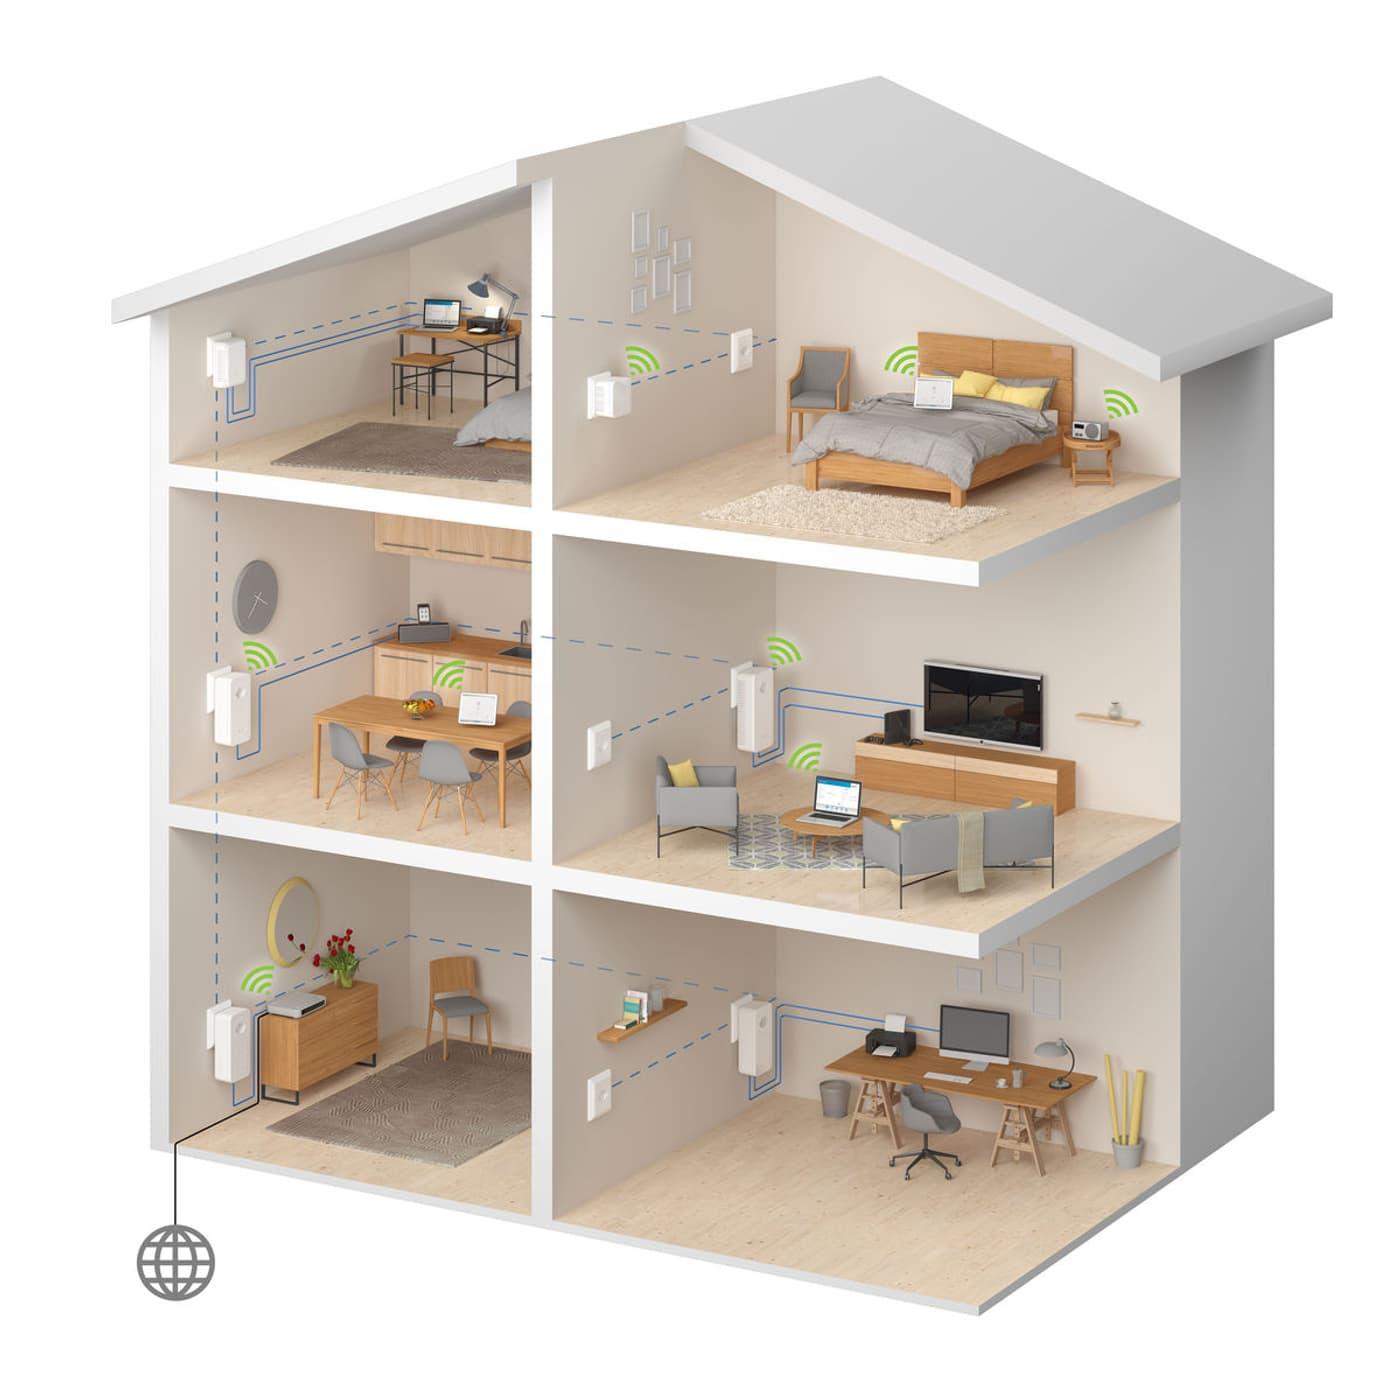 devolo dlan 1200 powerline starter kit migros. Black Bedroom Furniture Sets. Home Design Ideas